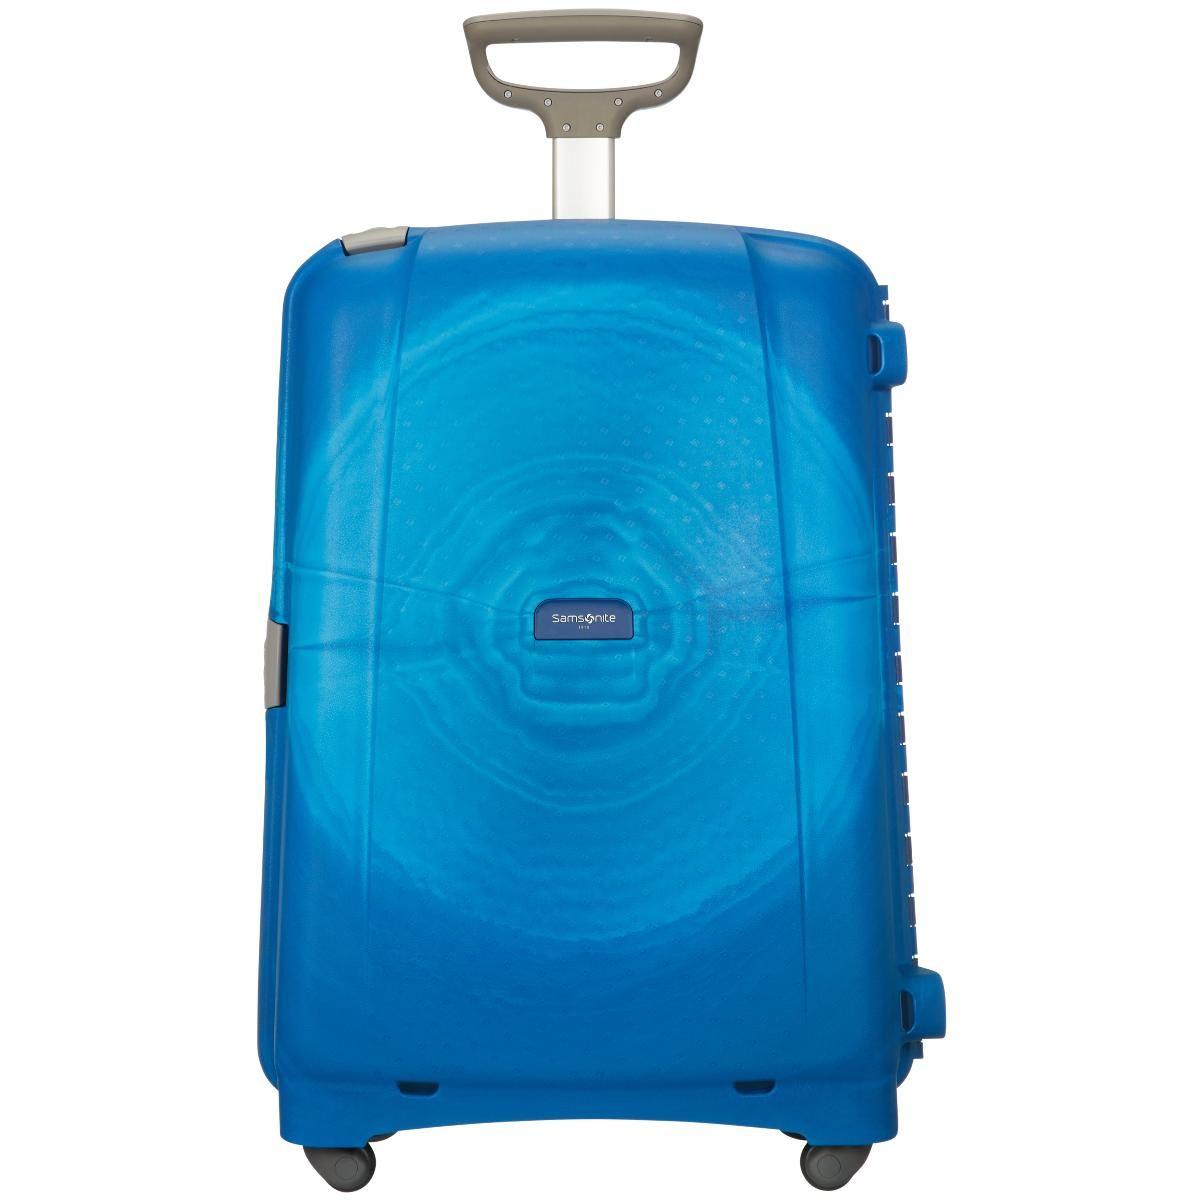 Samsonite Tassen Amsterdam : Deze koffer van samsonite is verkrijgbaar bij os